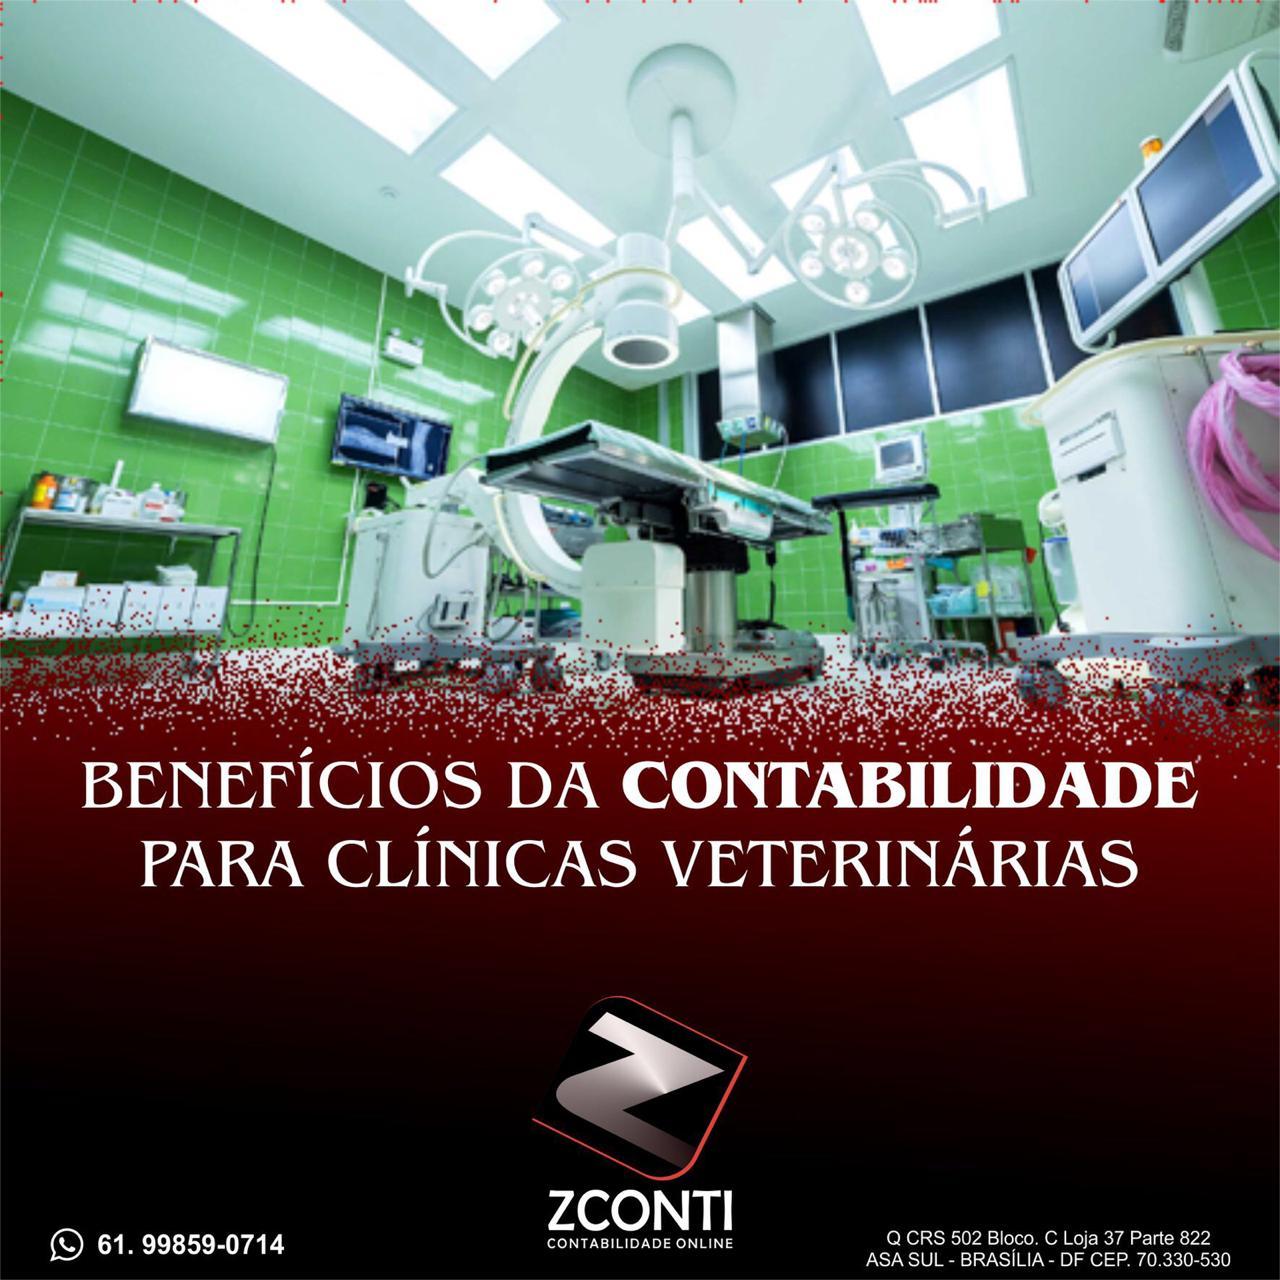 Contabilidade para clinicas veterinarias